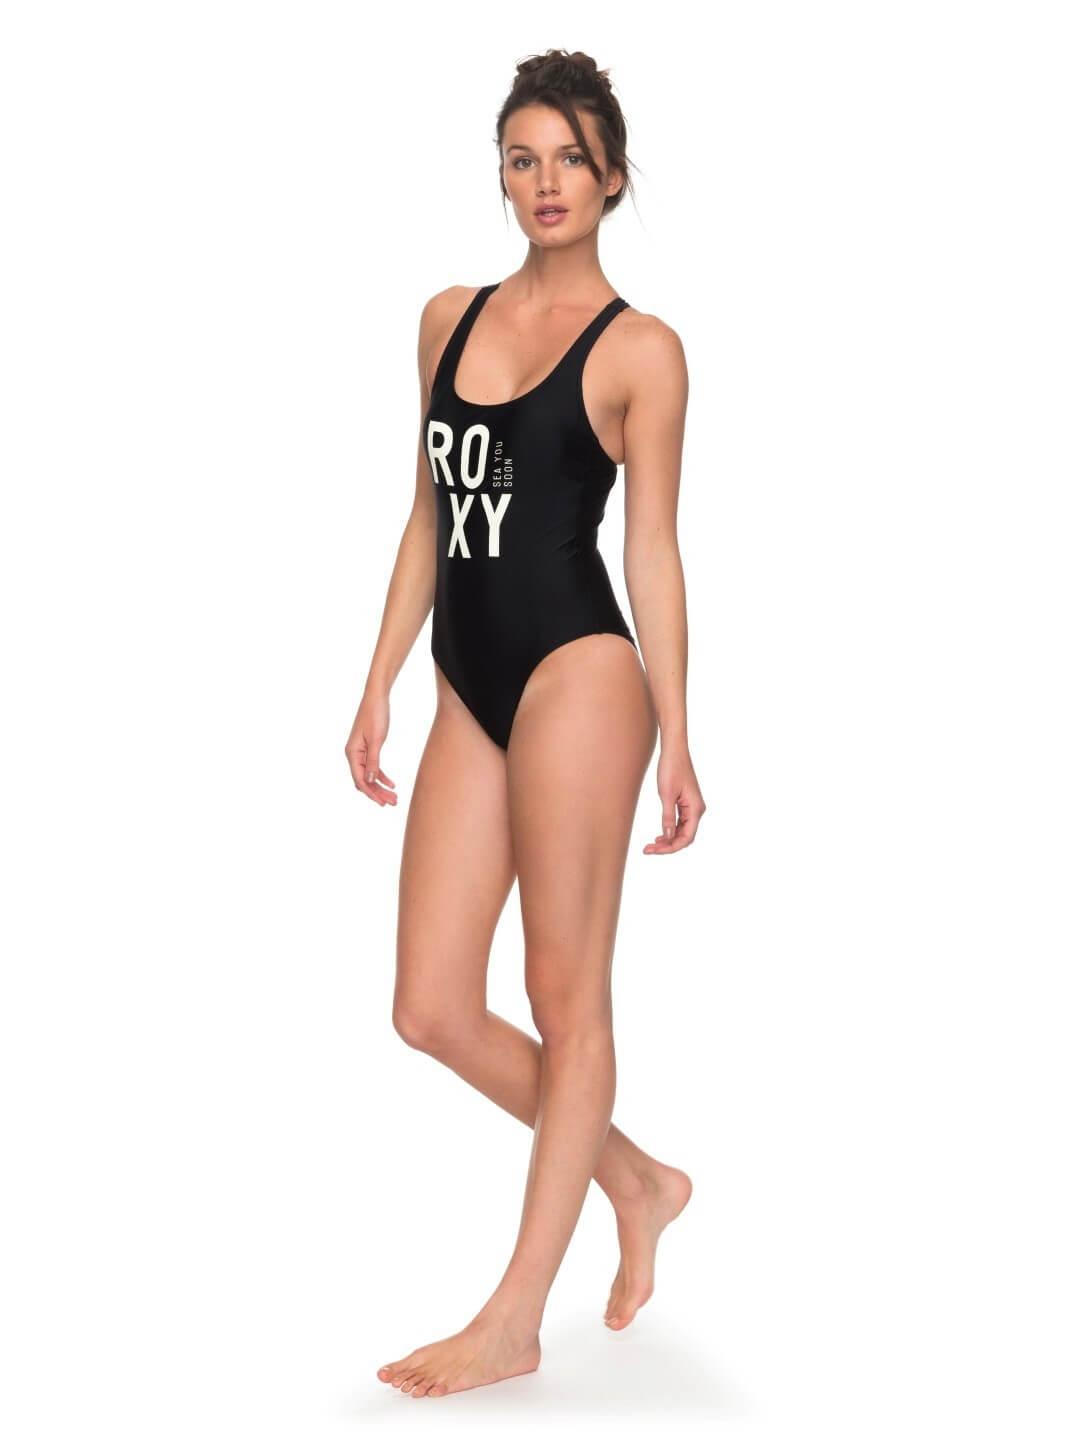 41ddd70c2d8 Roxy Jednodílné sportovní plavky Roxy Fitness One Piece Anthracite ...